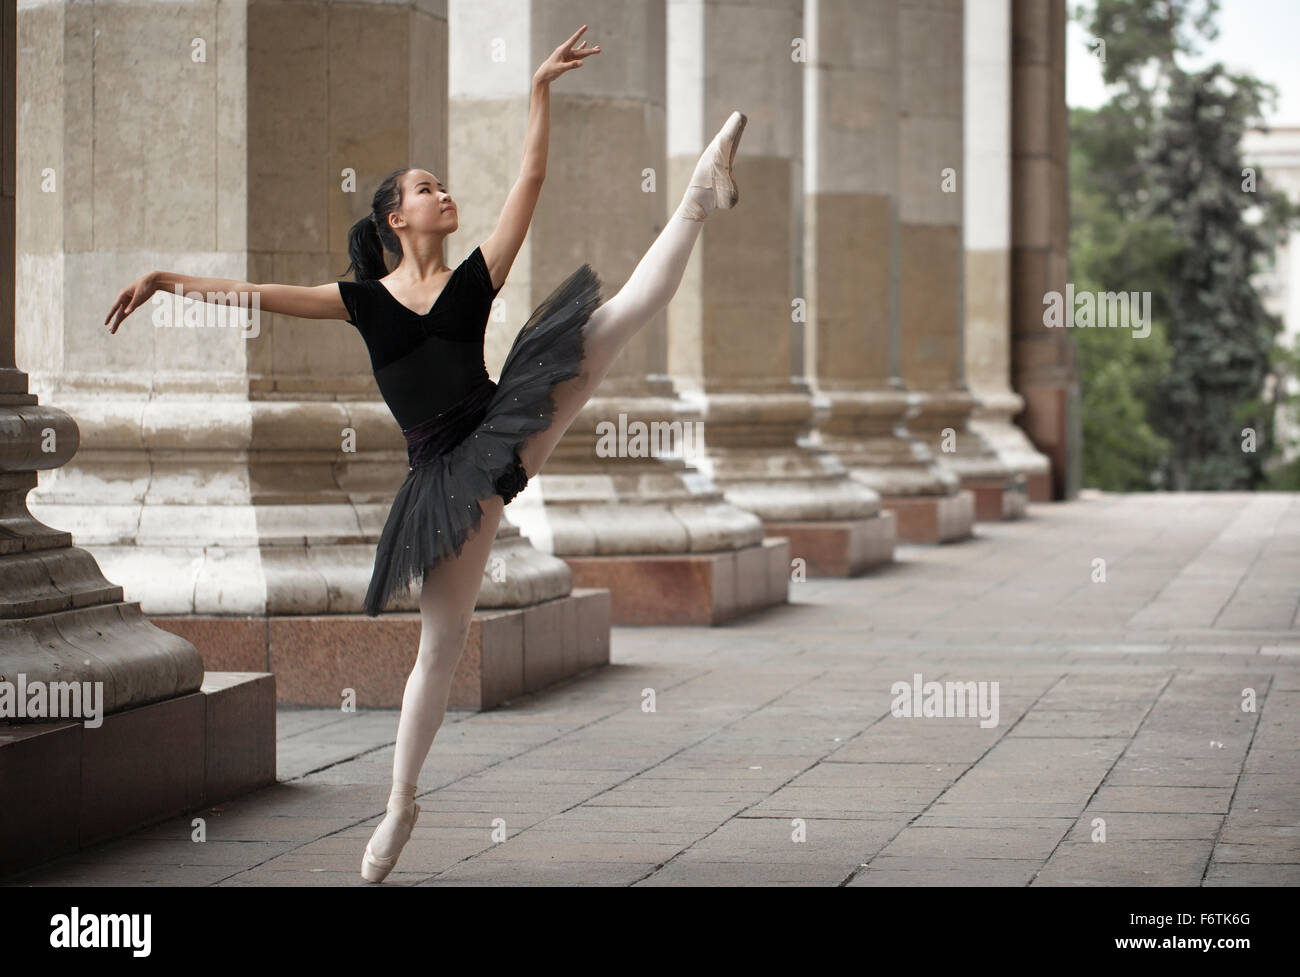 Mädchen-Ballerinas auf Zehenspitzen auf der Straße stehen Stockbild